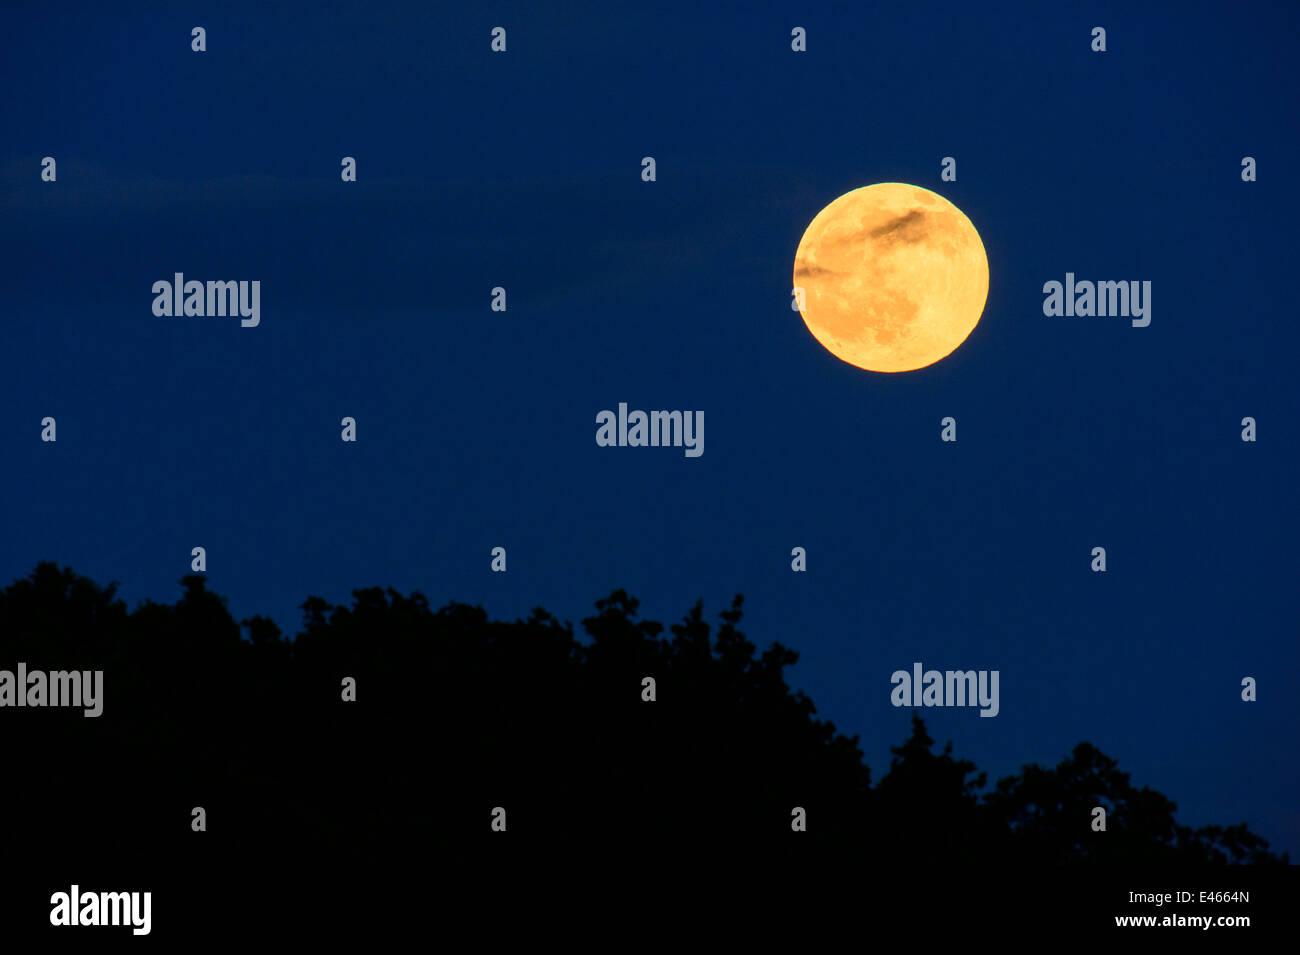 cheap for sale official shop uk store La pleine lune au-dessus d'une forêt dans un ciel de nuit ...